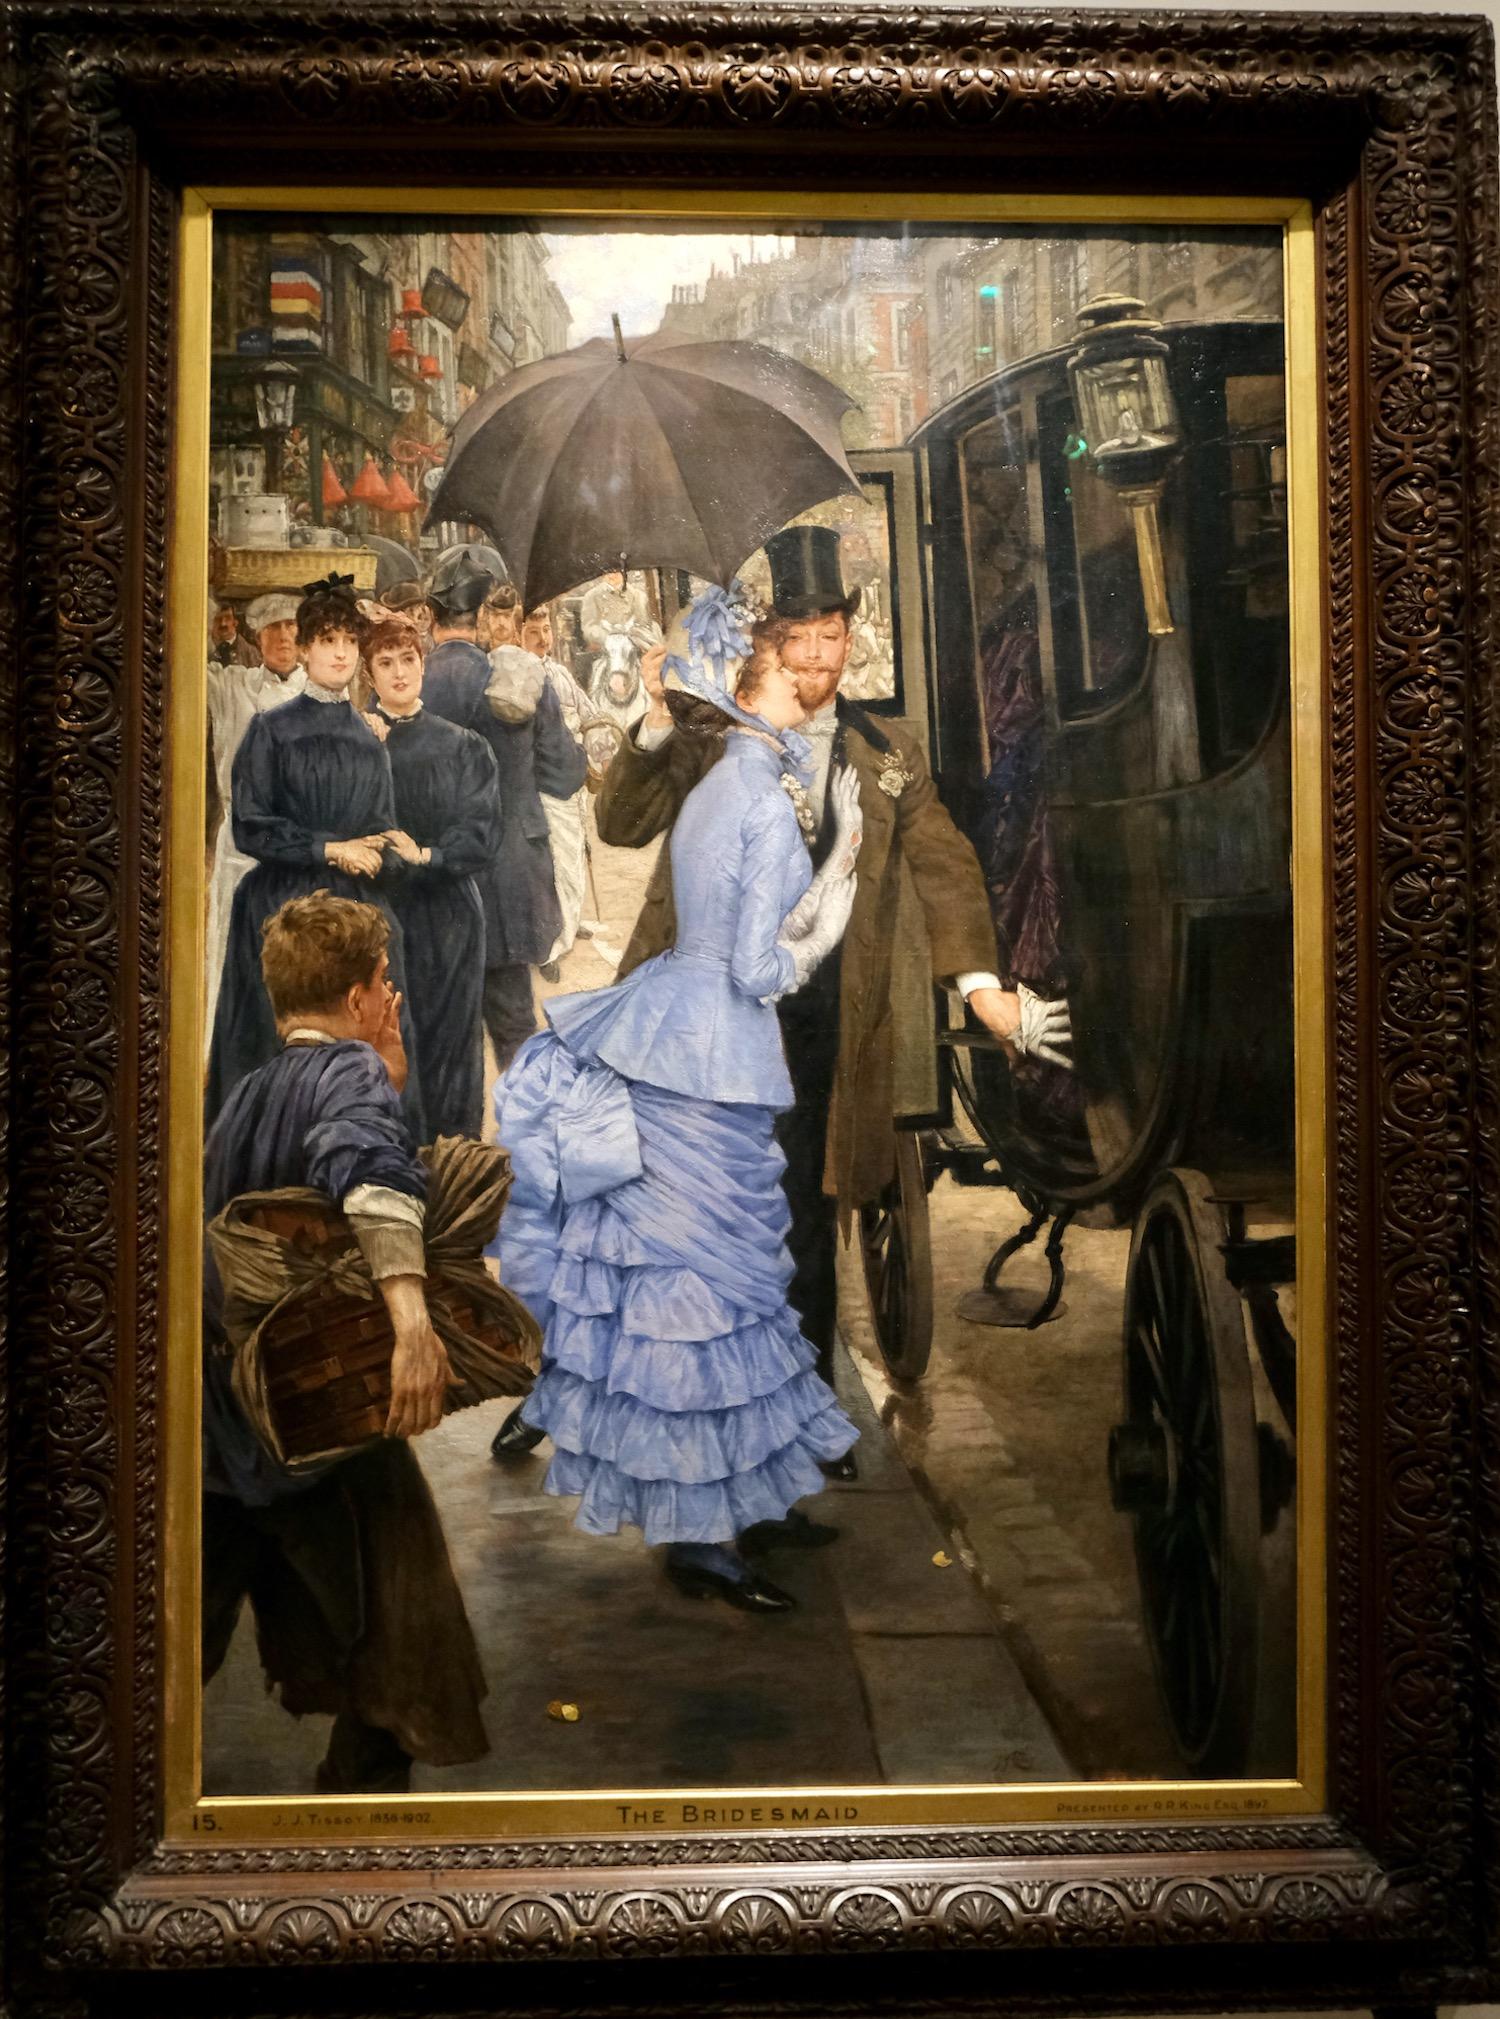 James Tissot Paris series